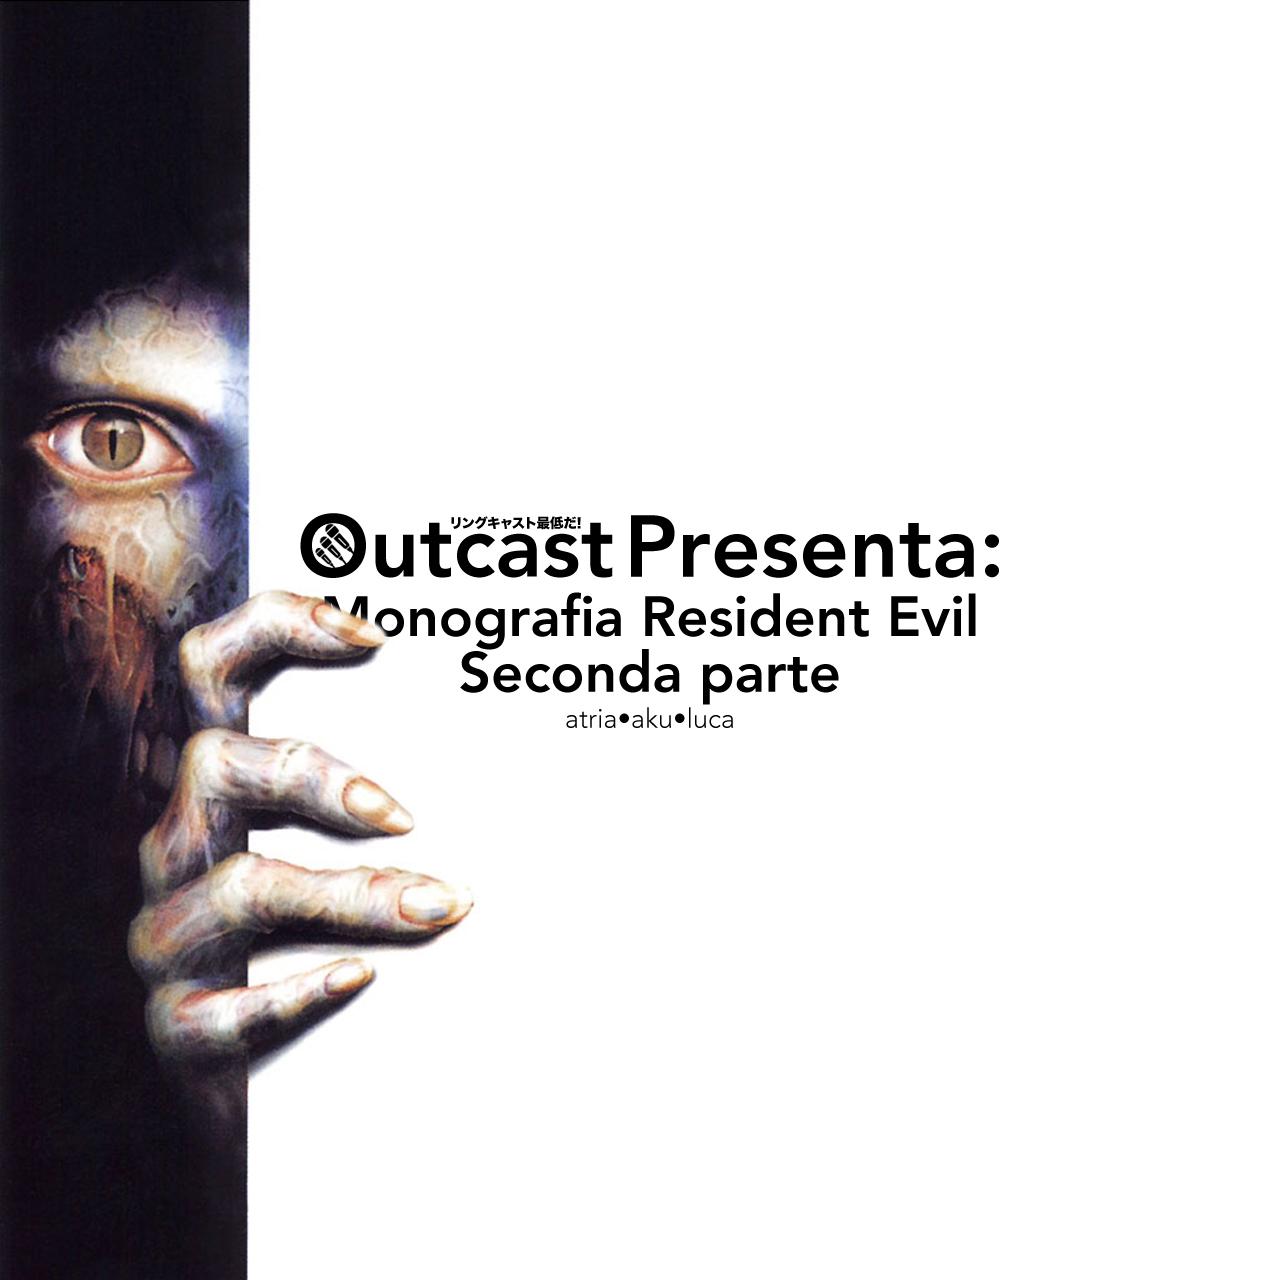 Monografia Resident Evil.jpg